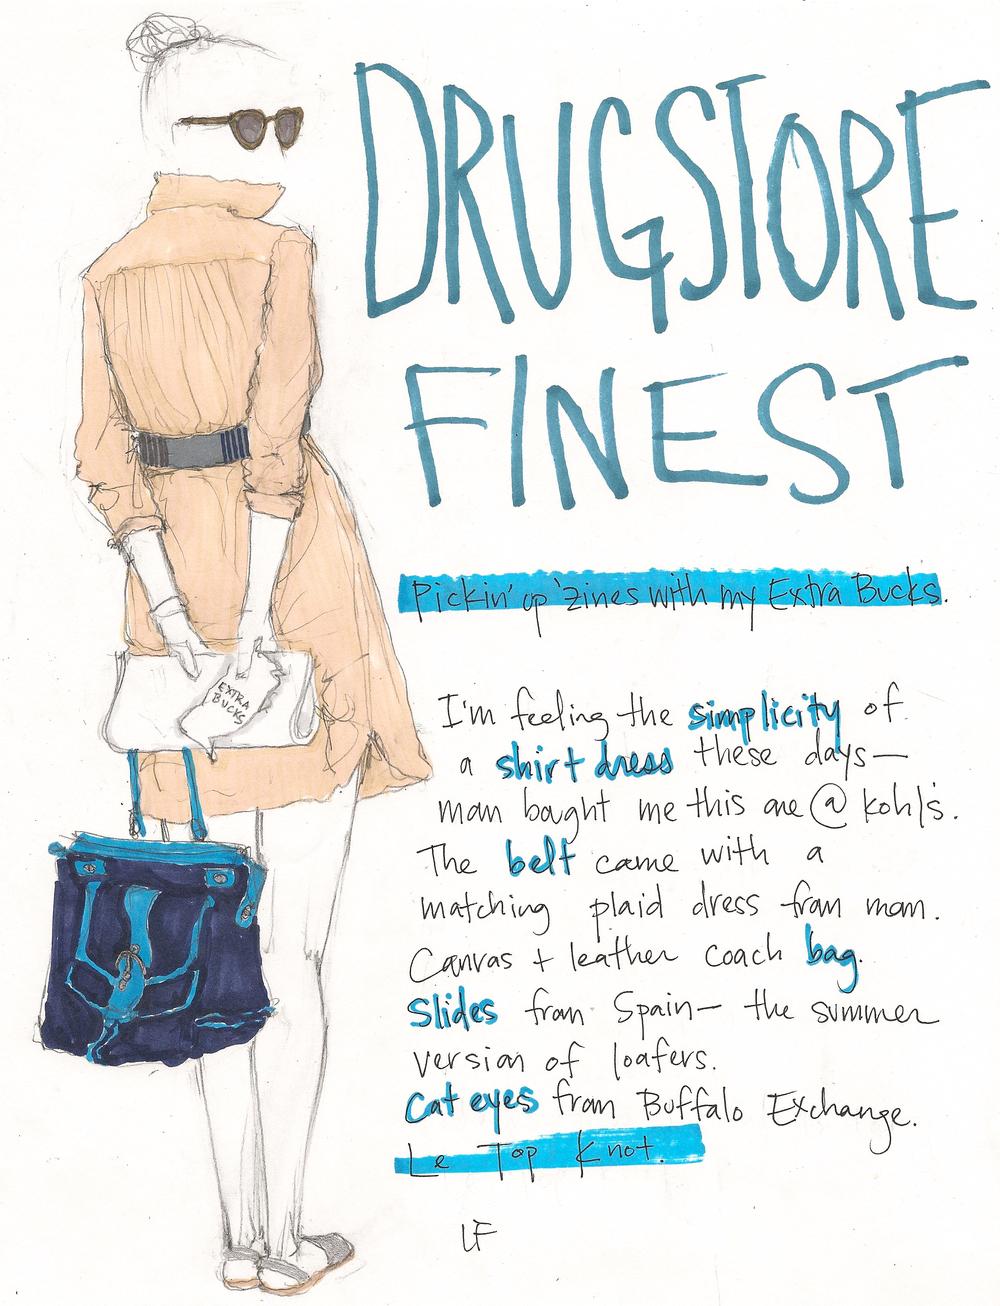 drugstorefinest.jpg